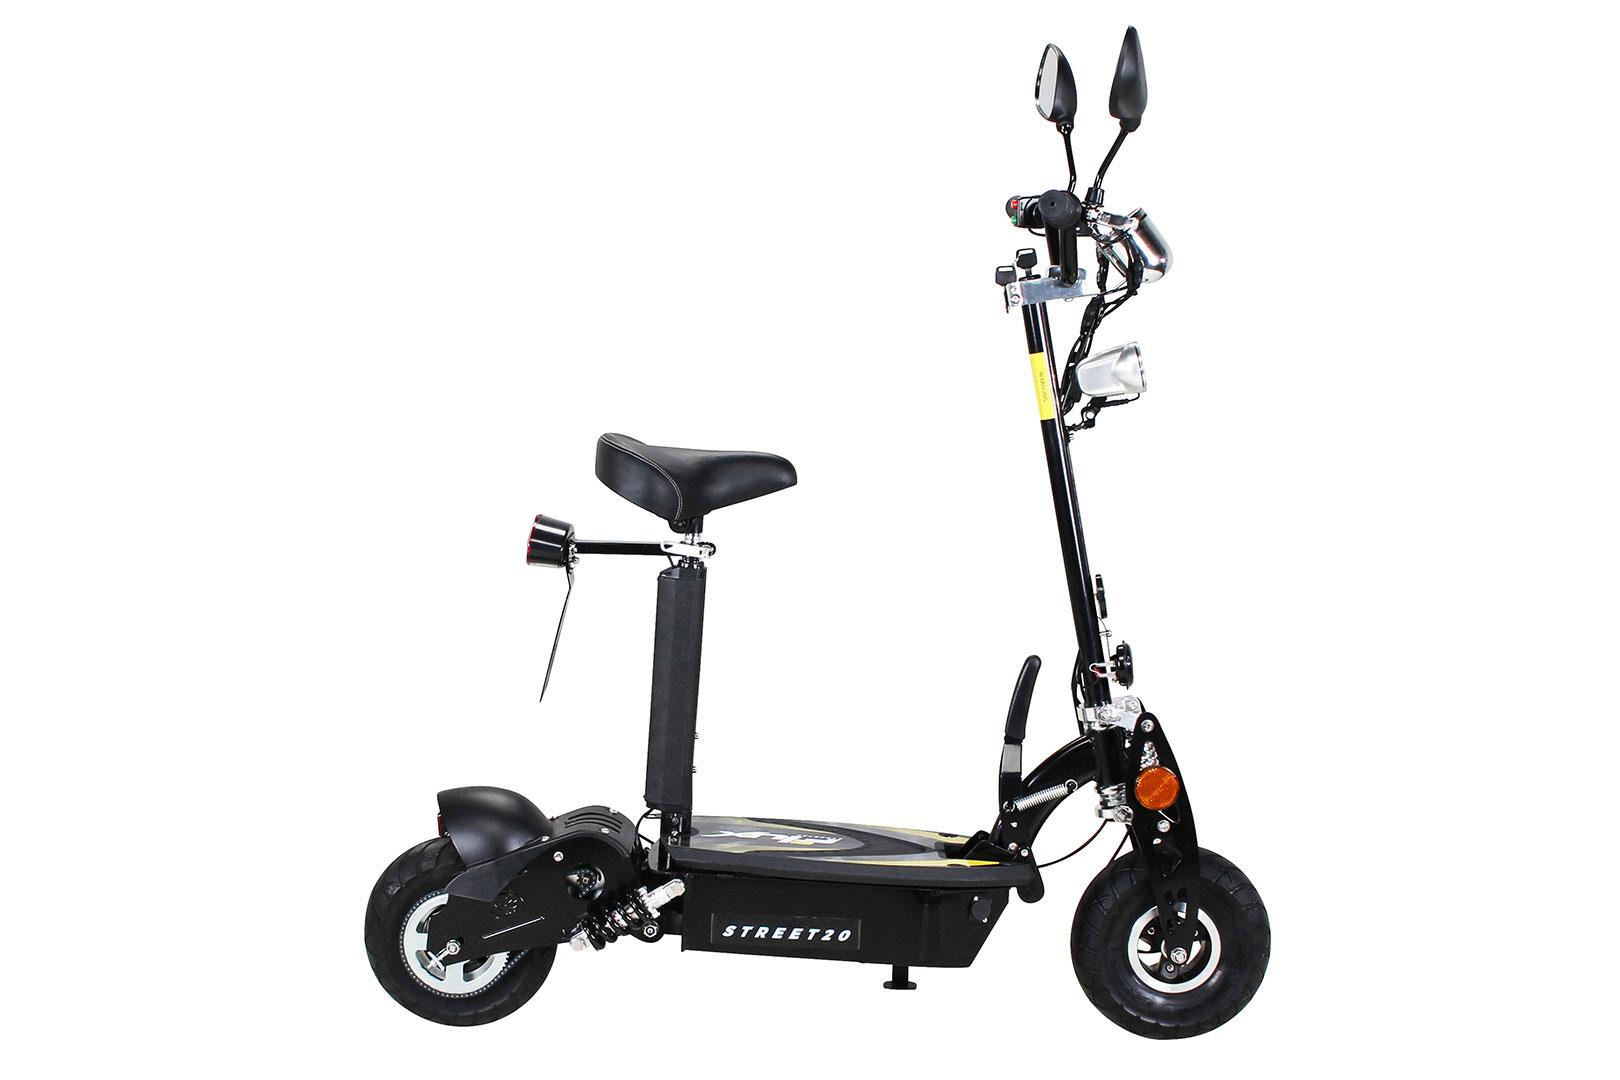 Elektroroller S20 schwarz mit Zulassung / E-Roller mit Sitz Bild 4